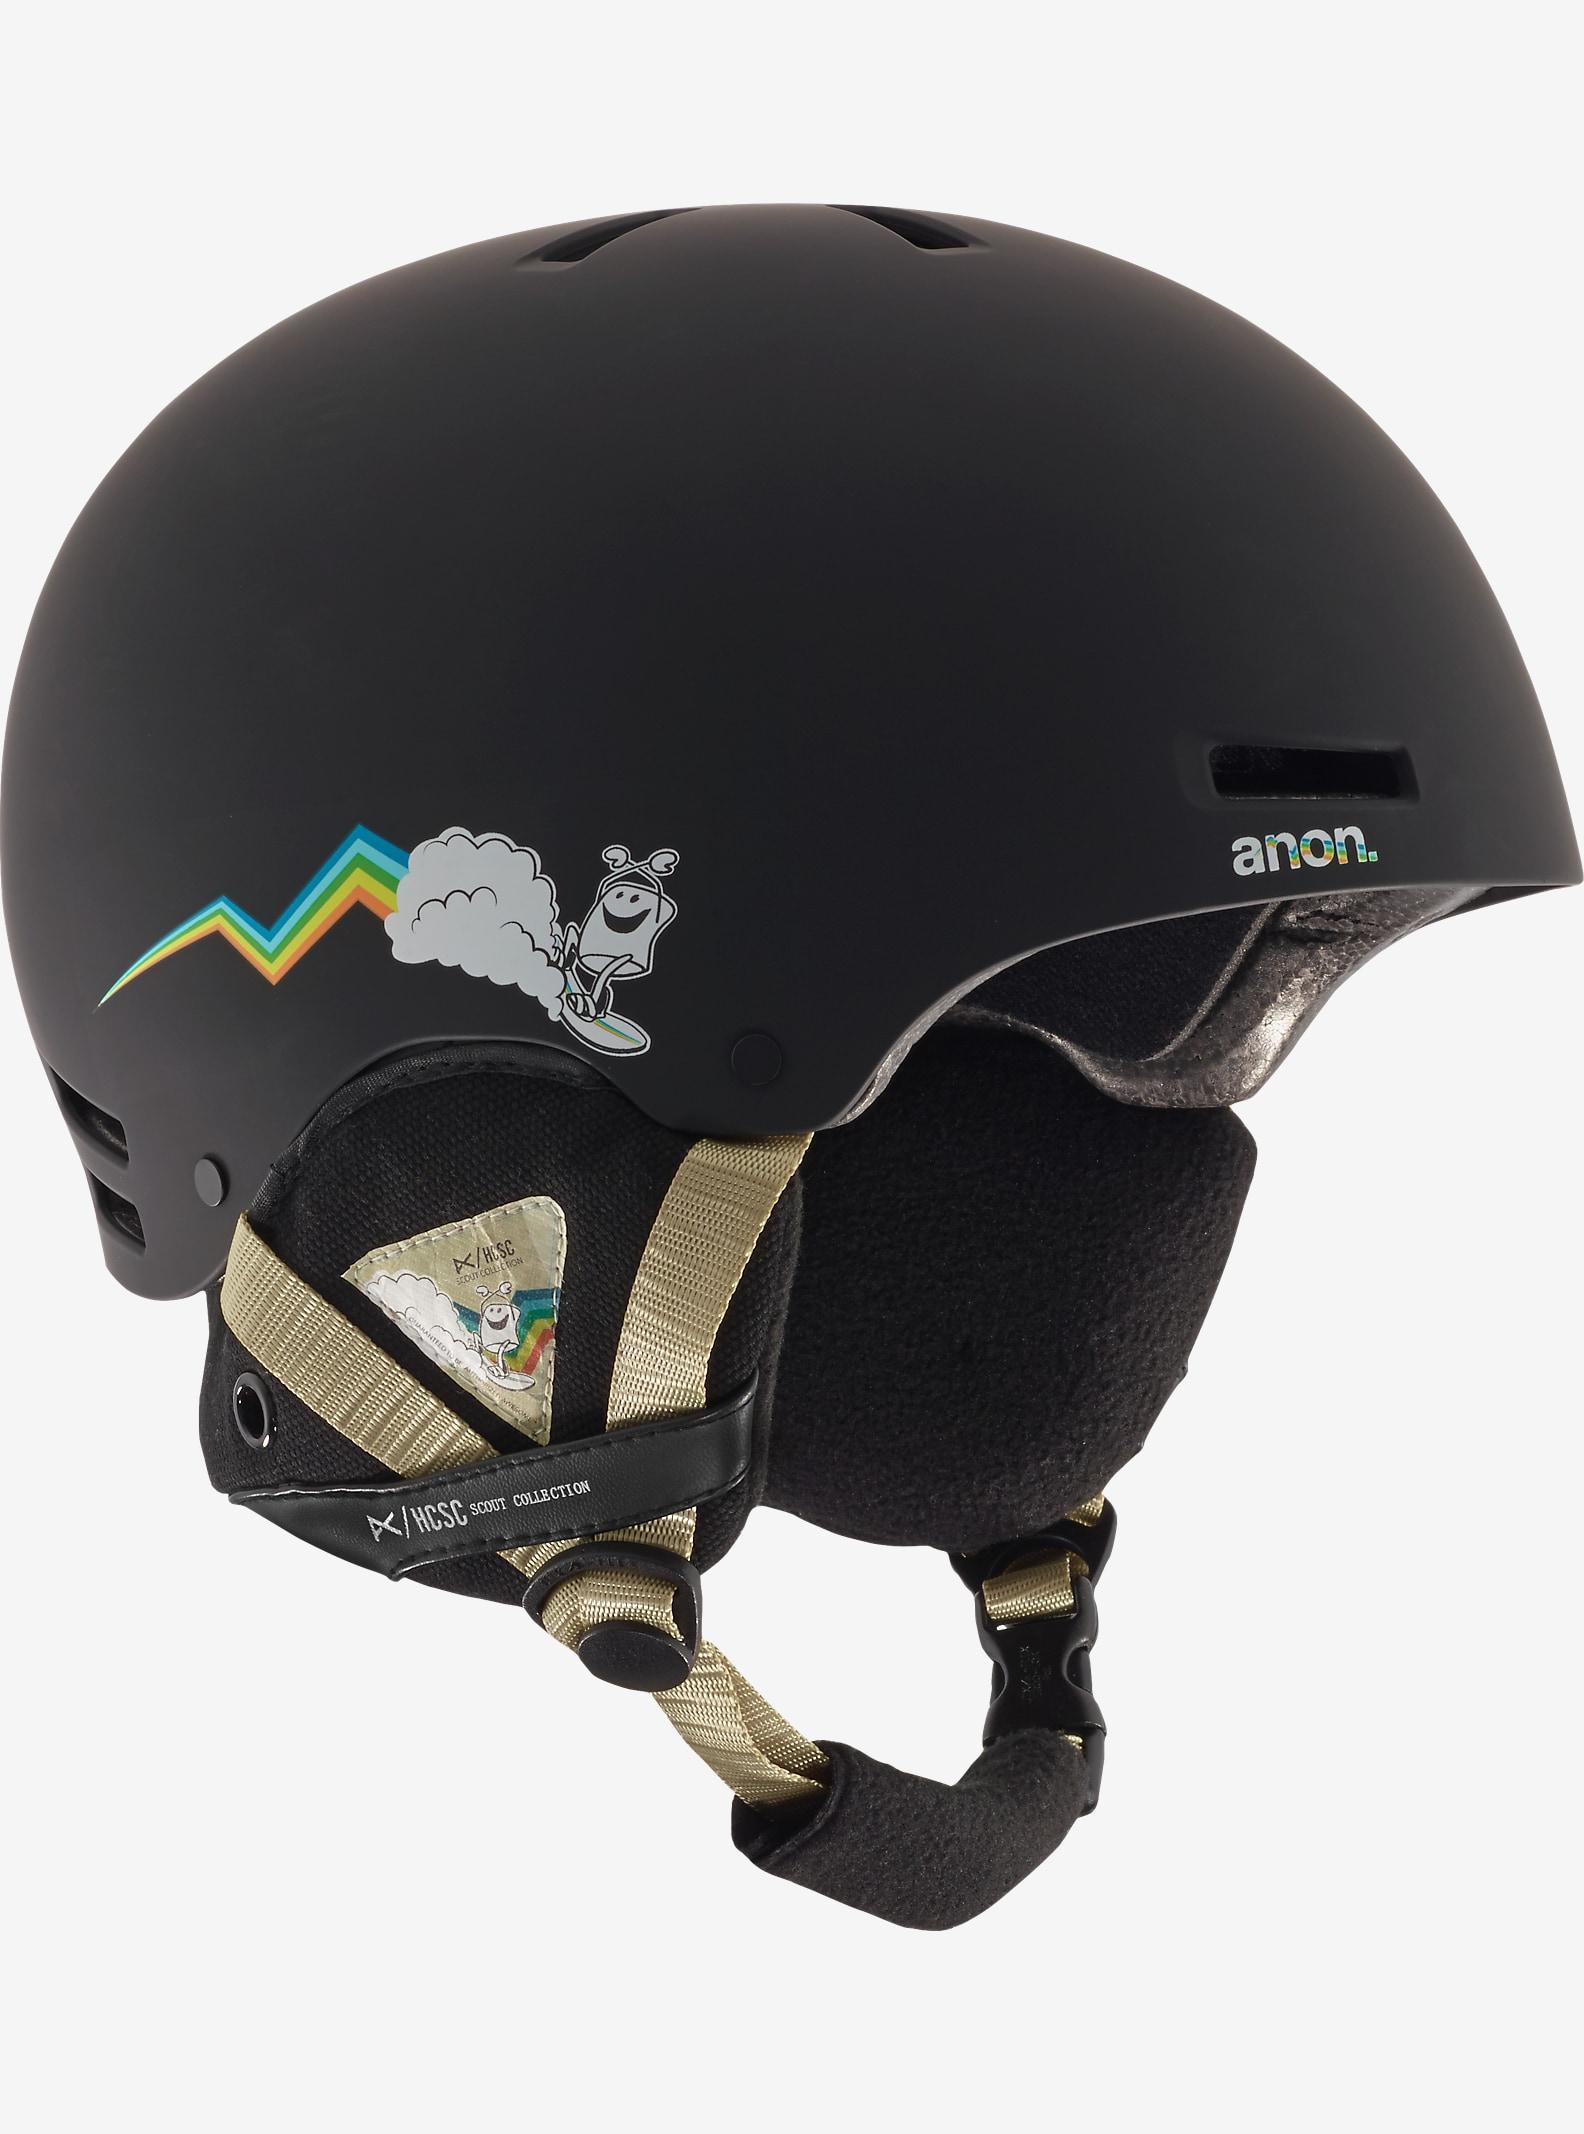 HCSC x anon. Raider Helmet shown in HCSC